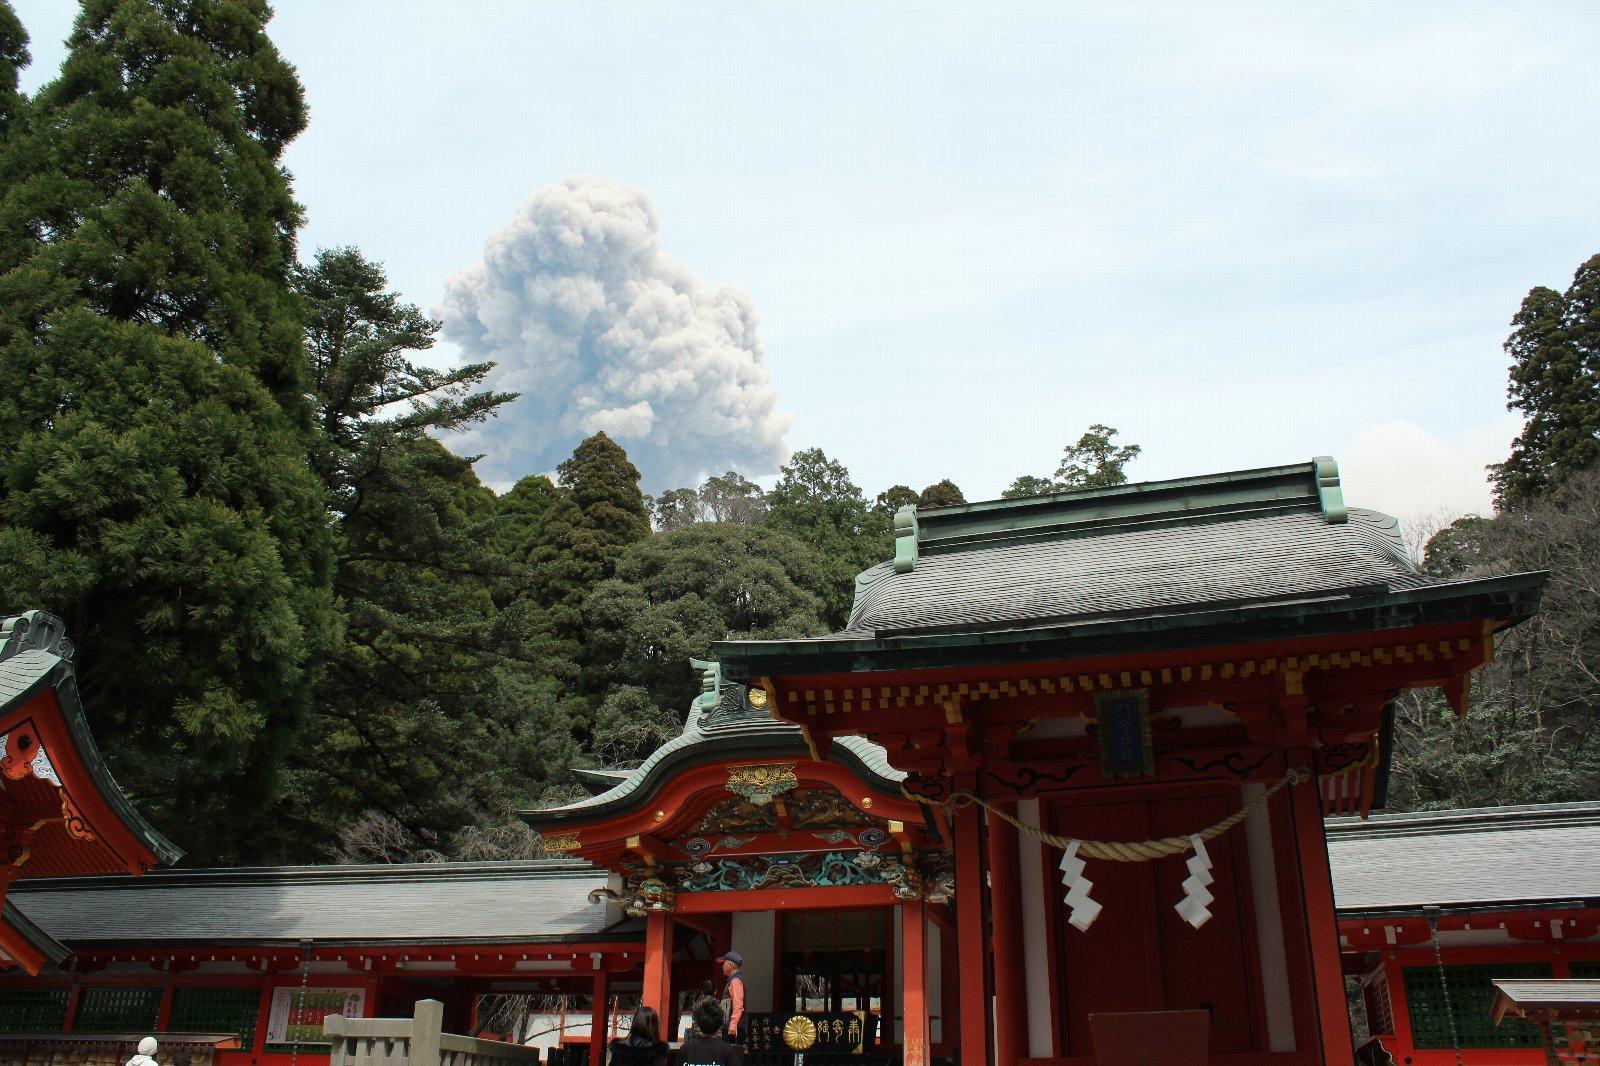 3月12日の太陽 新燃岳の噴火!_e0174091_15222965.jpg